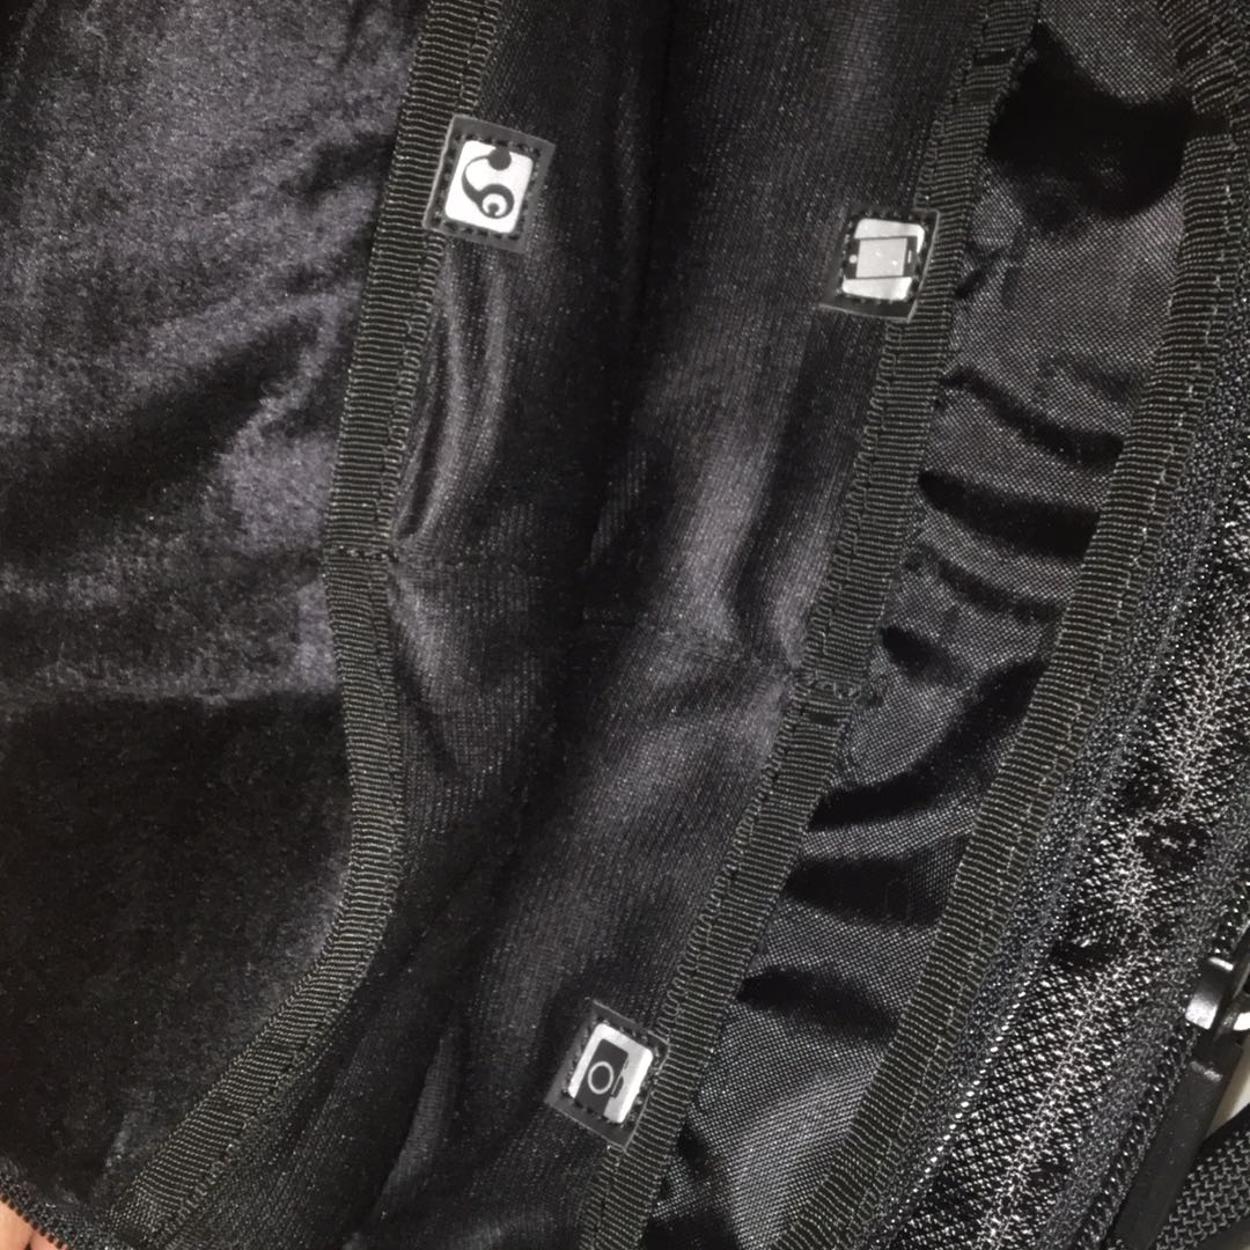 Diğer Laptop çantası